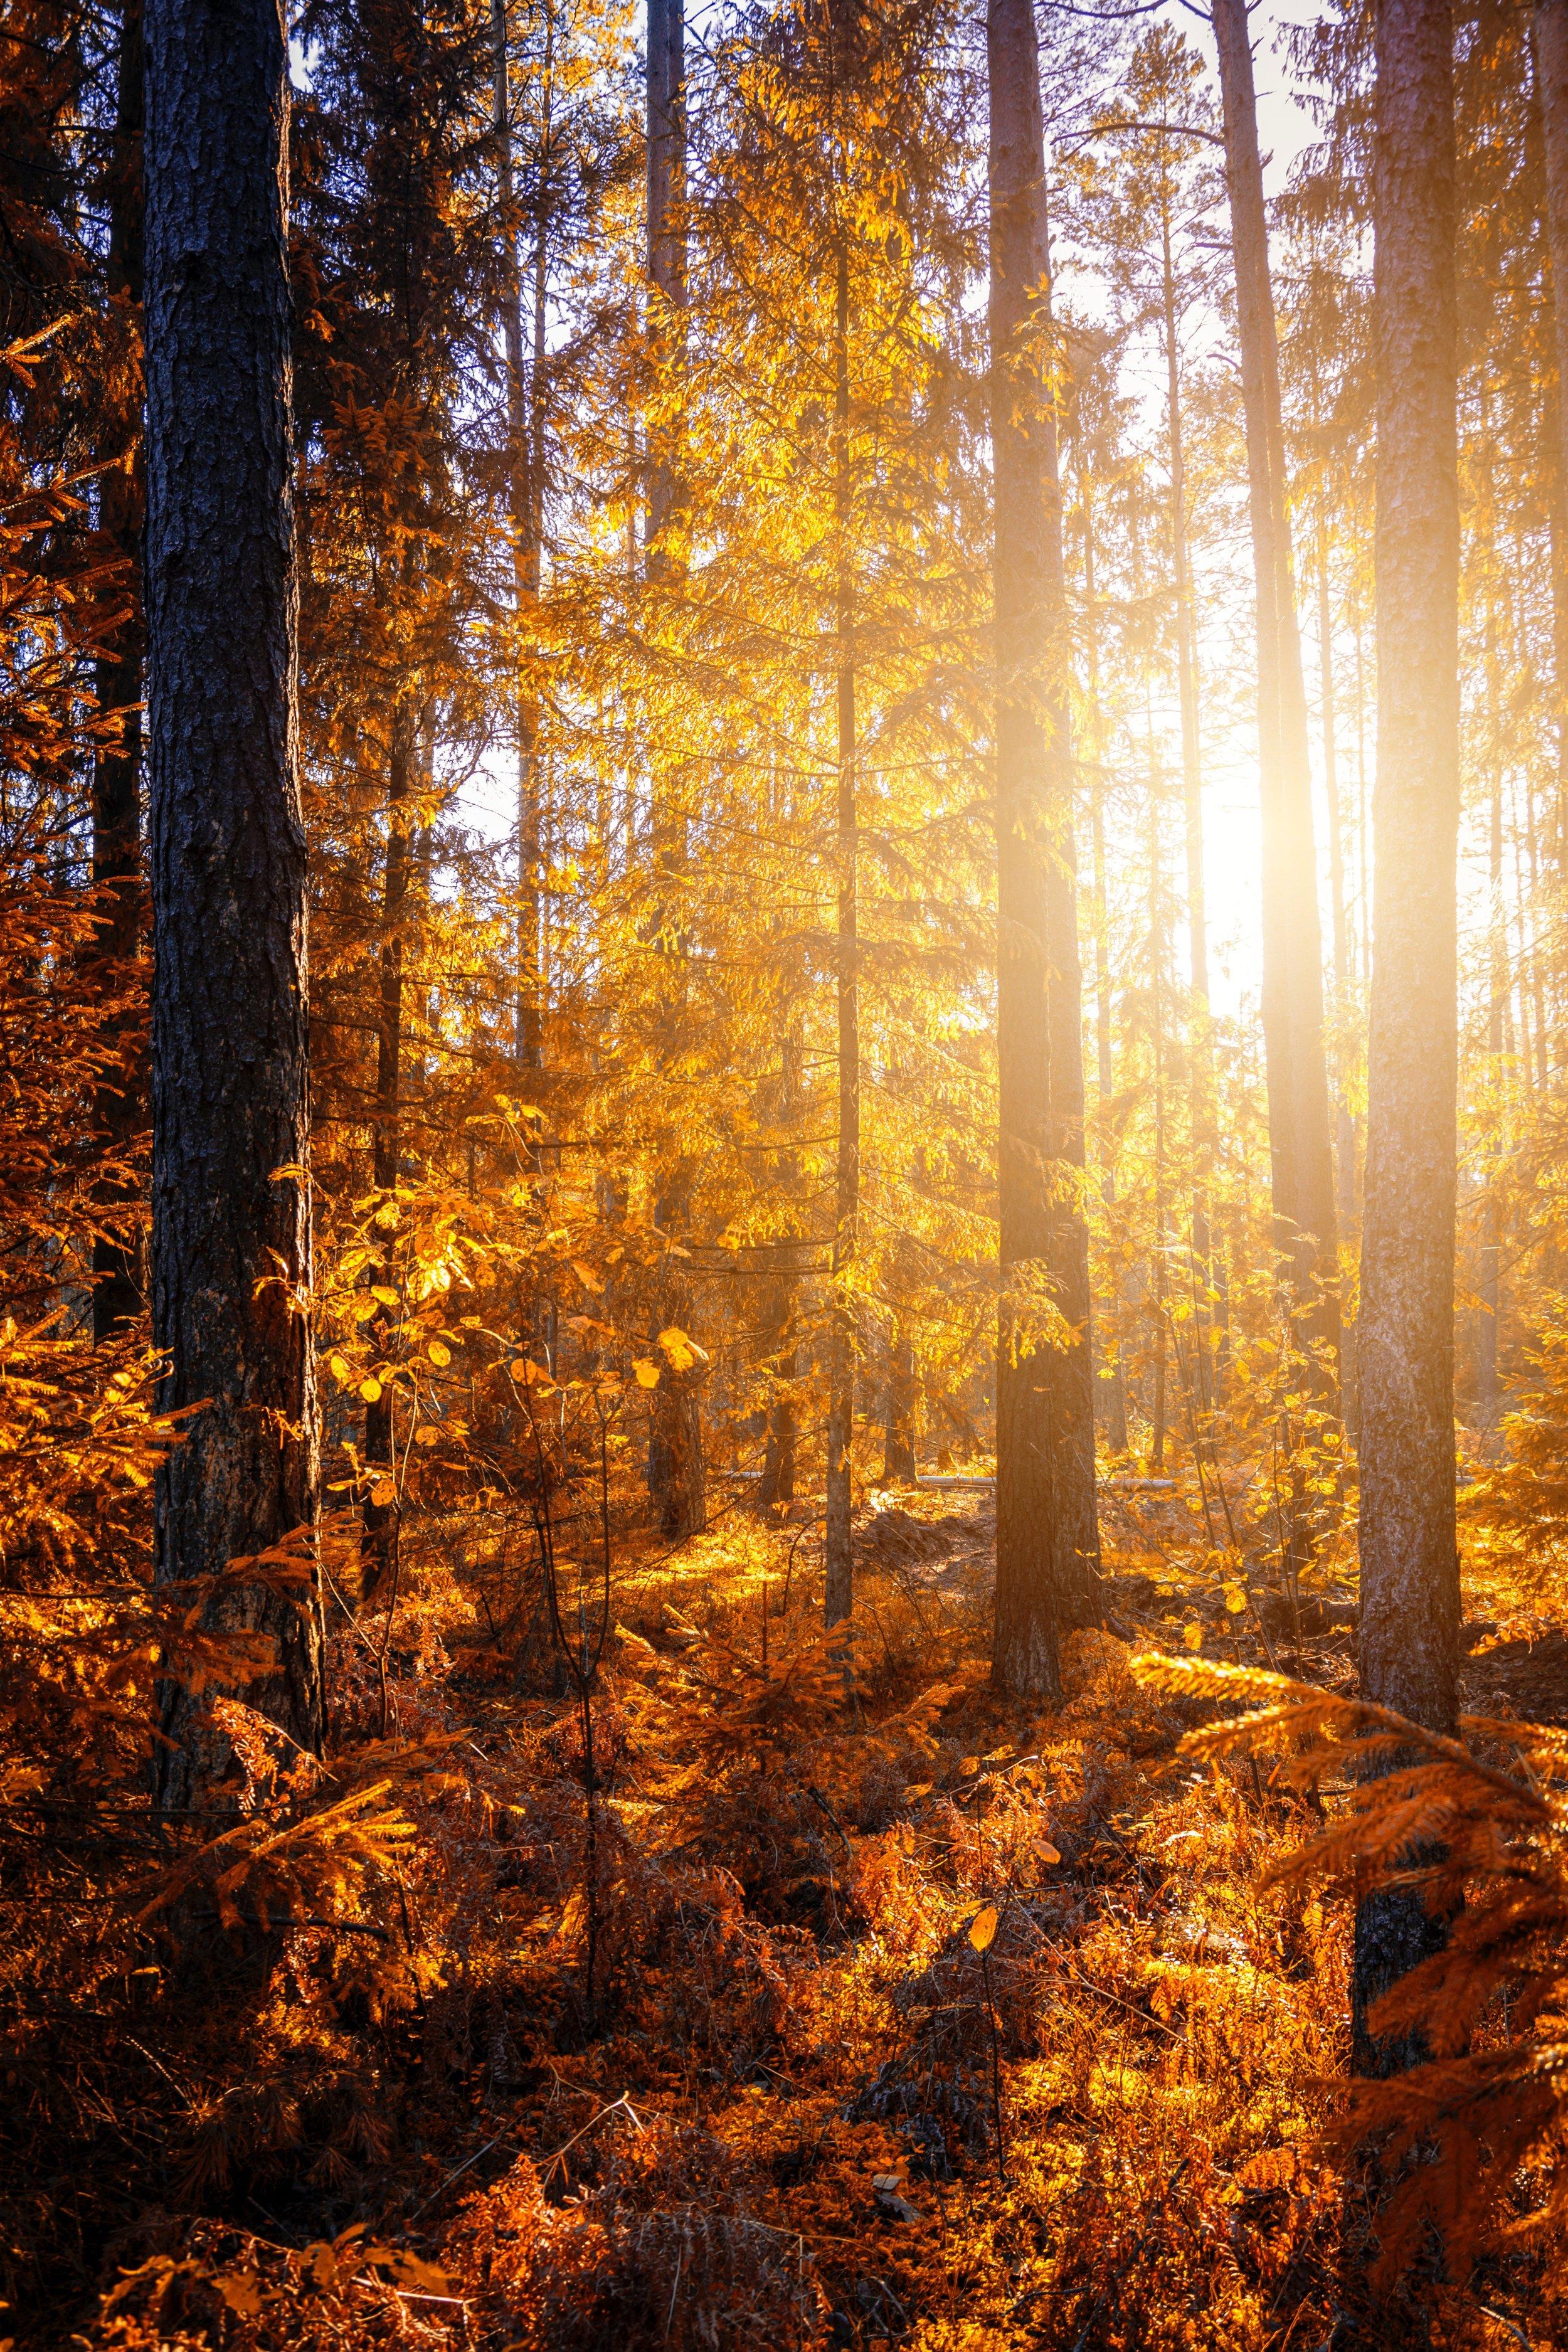 branch-bright-daylight-1496378.jpg